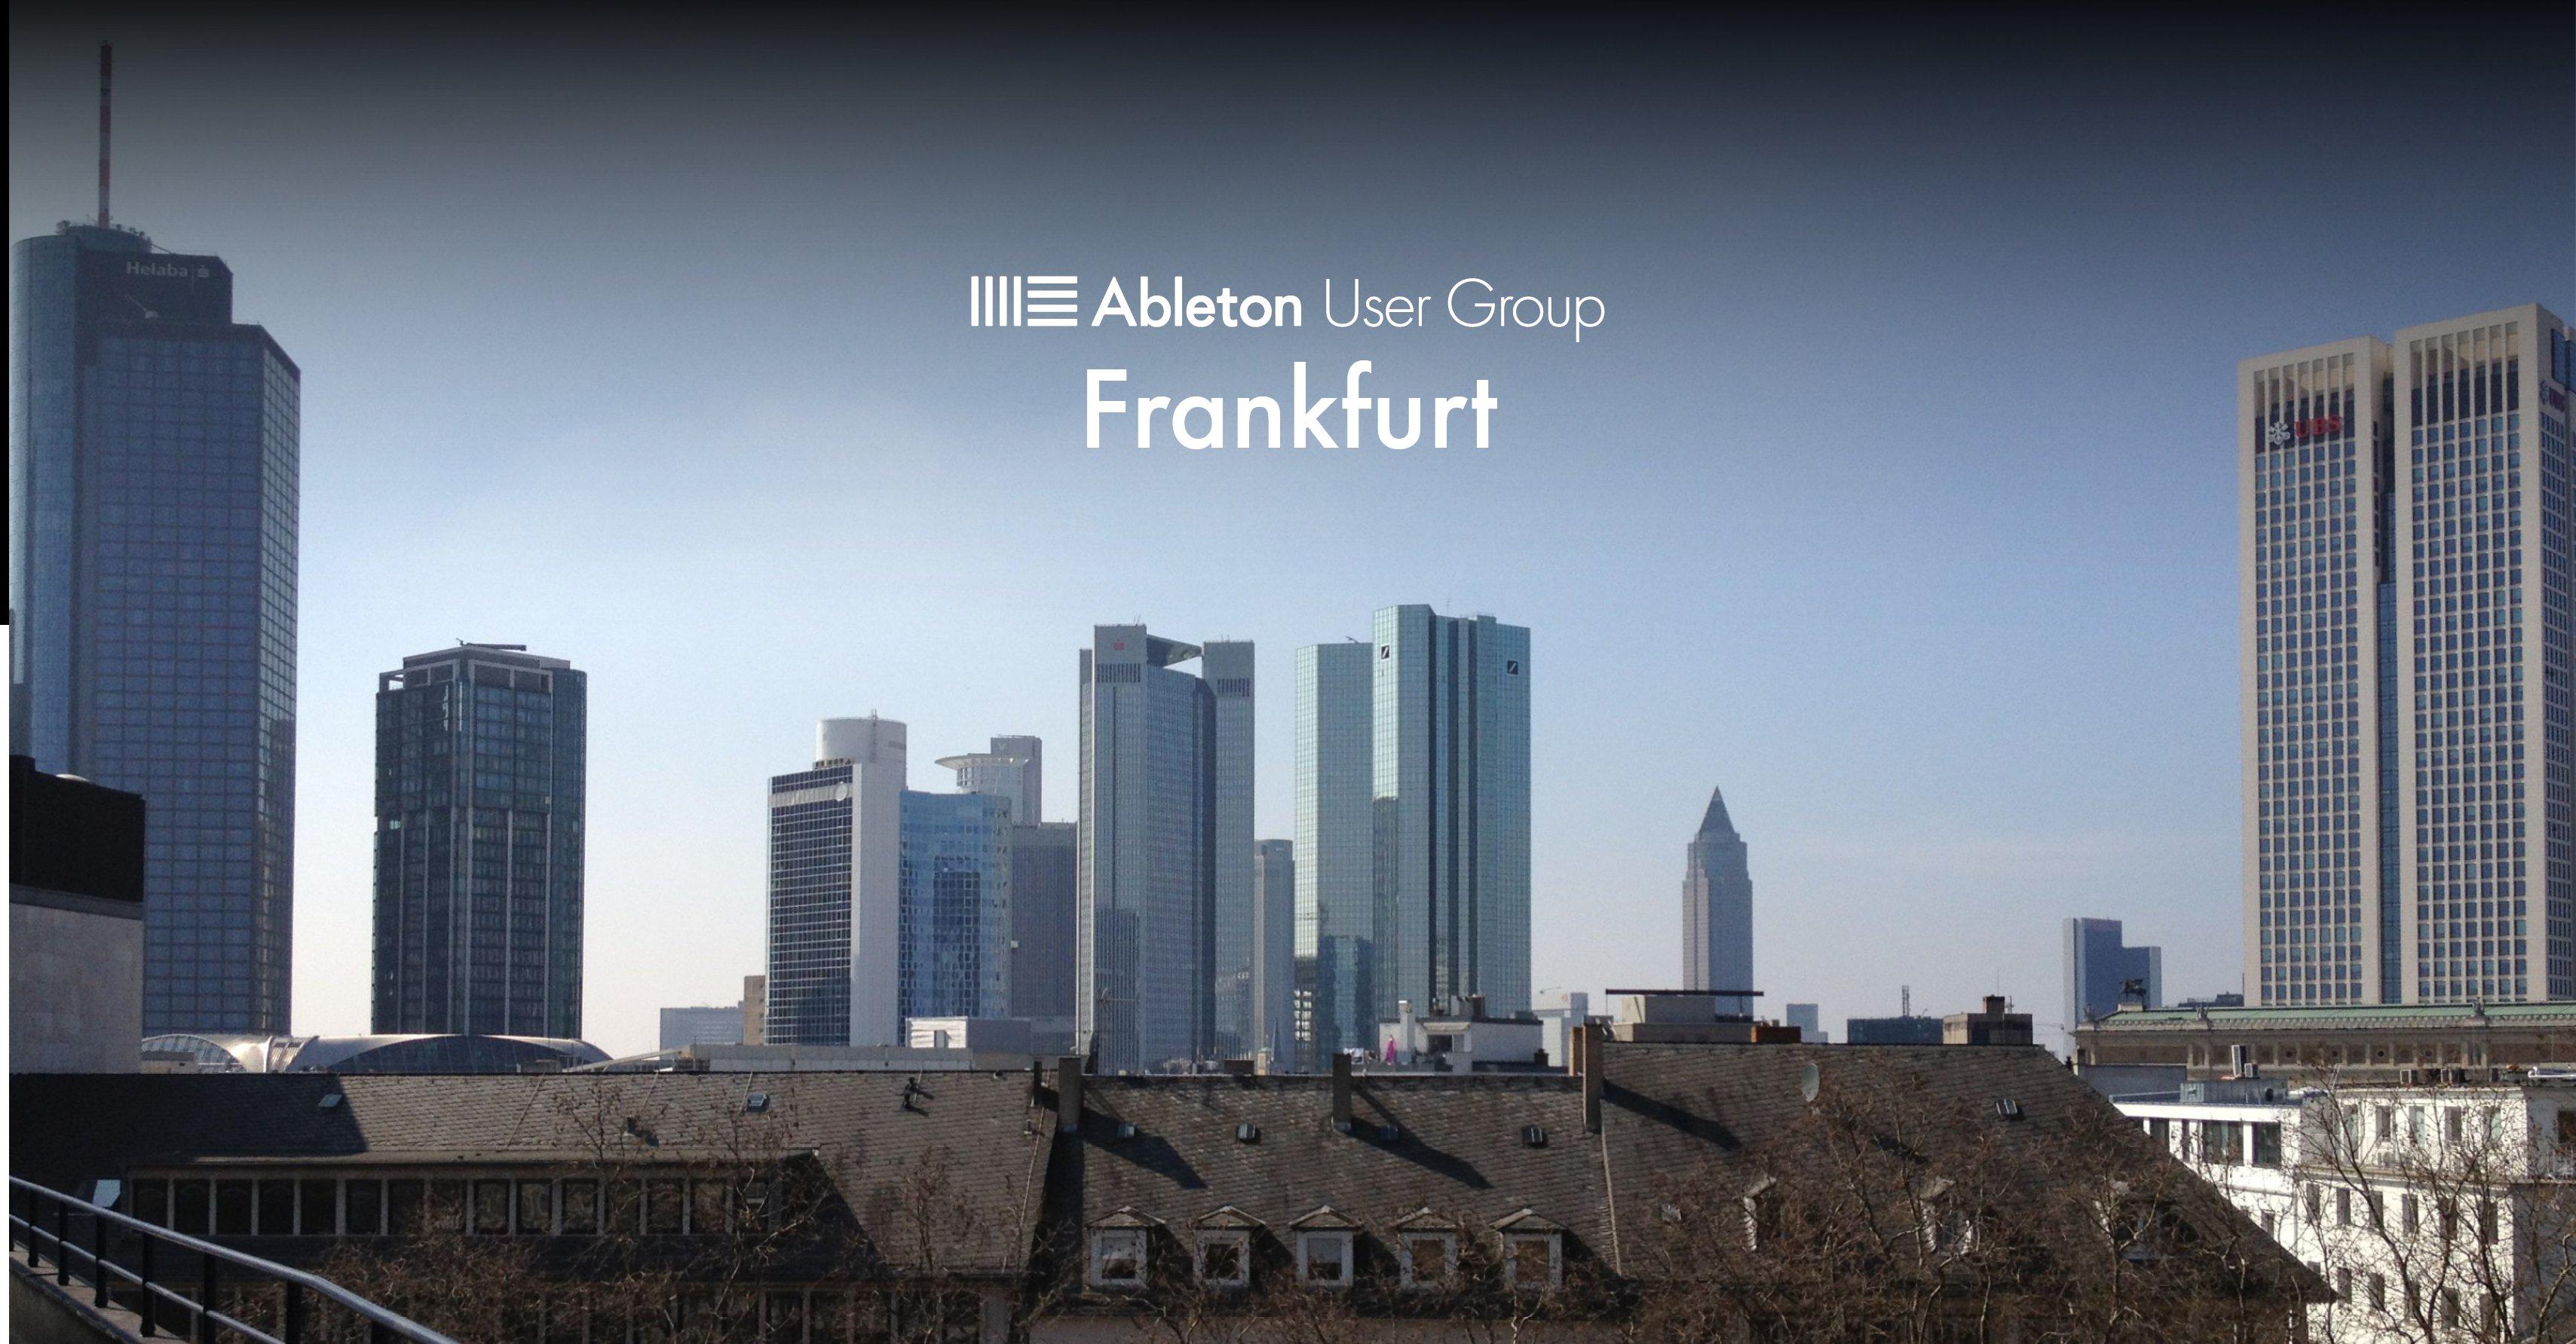 Frankfurt UG FB Banner New 4.png